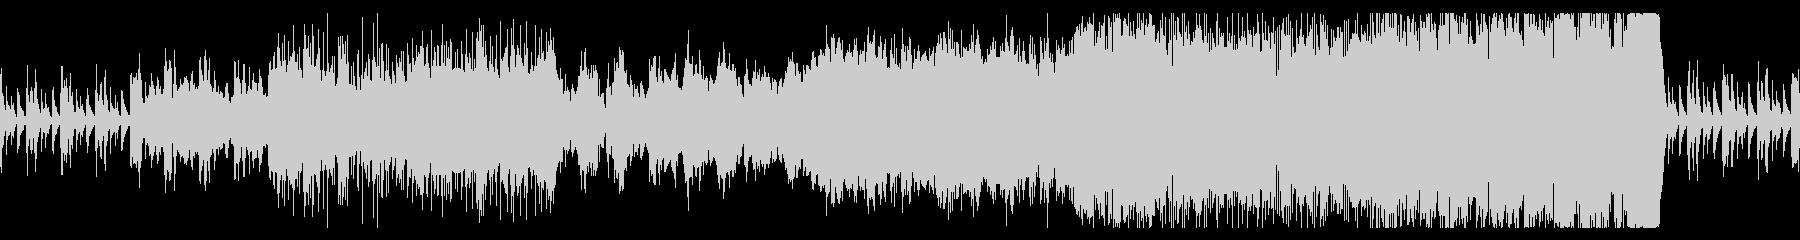 ティンパニーのリズムのオーケストラの未再生の波形